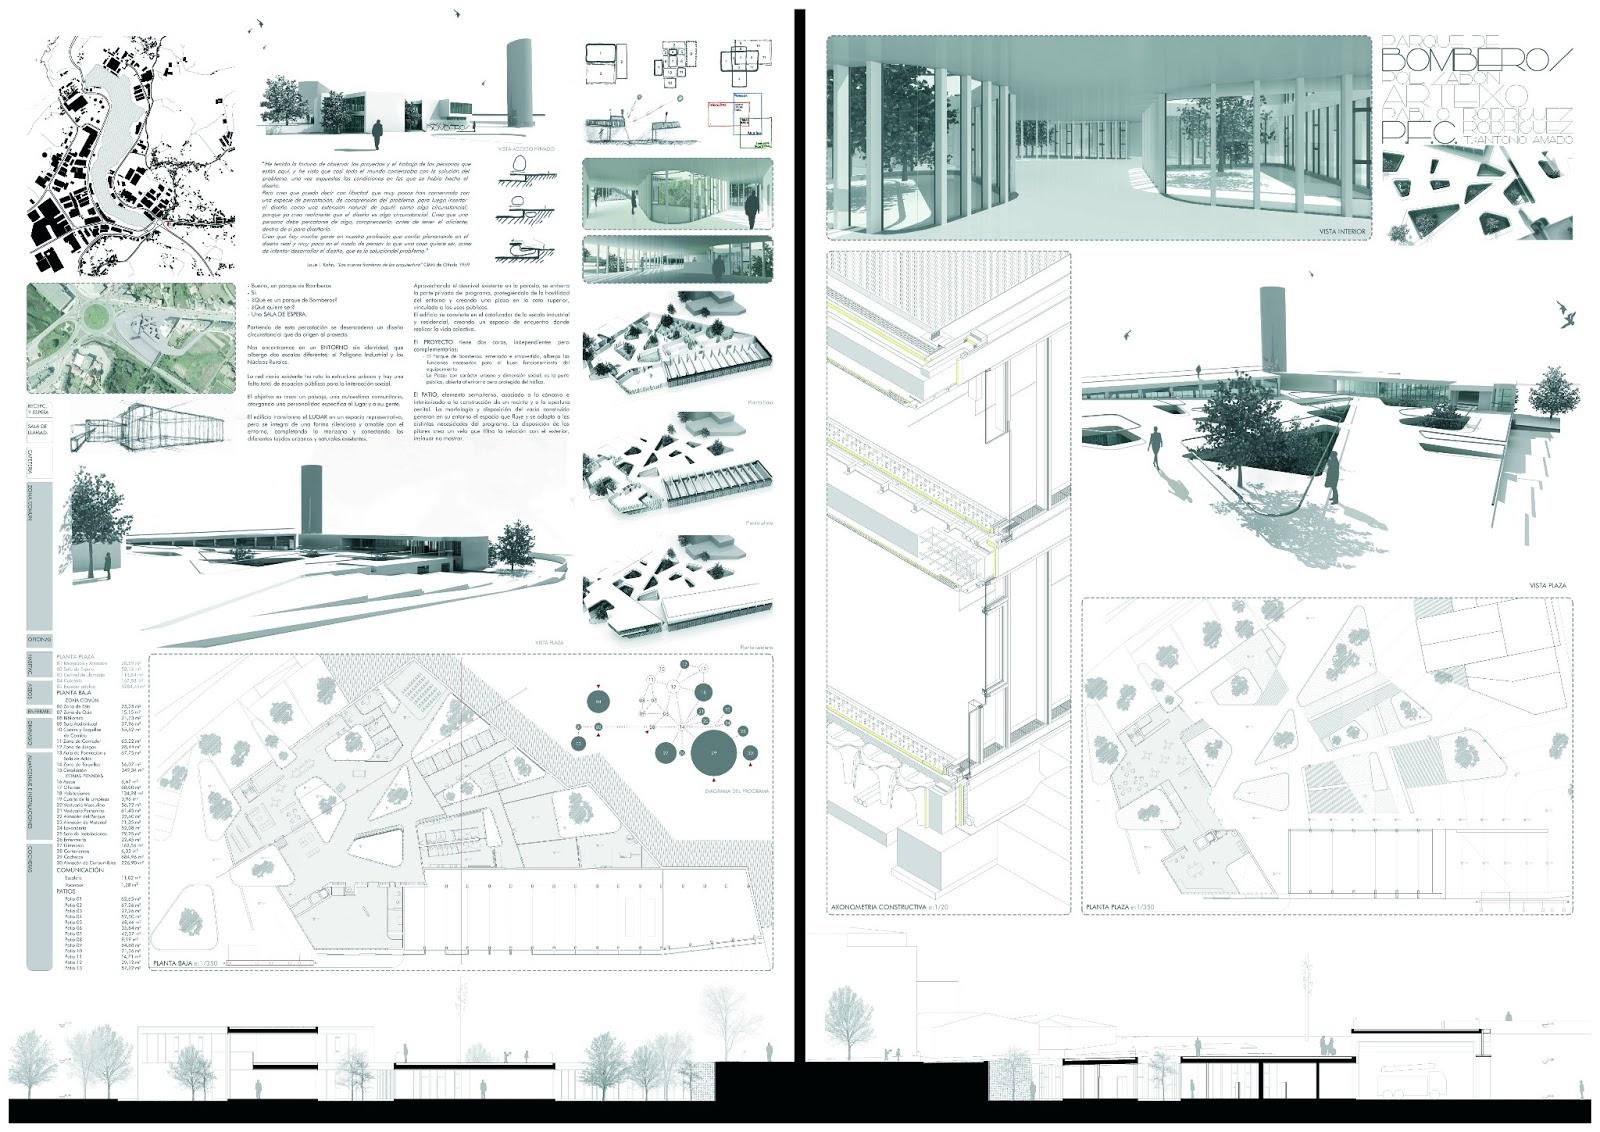 Premio pfc arquitectura 2012 tv arquitectura aib - Arquitectura de interiores coruna ...